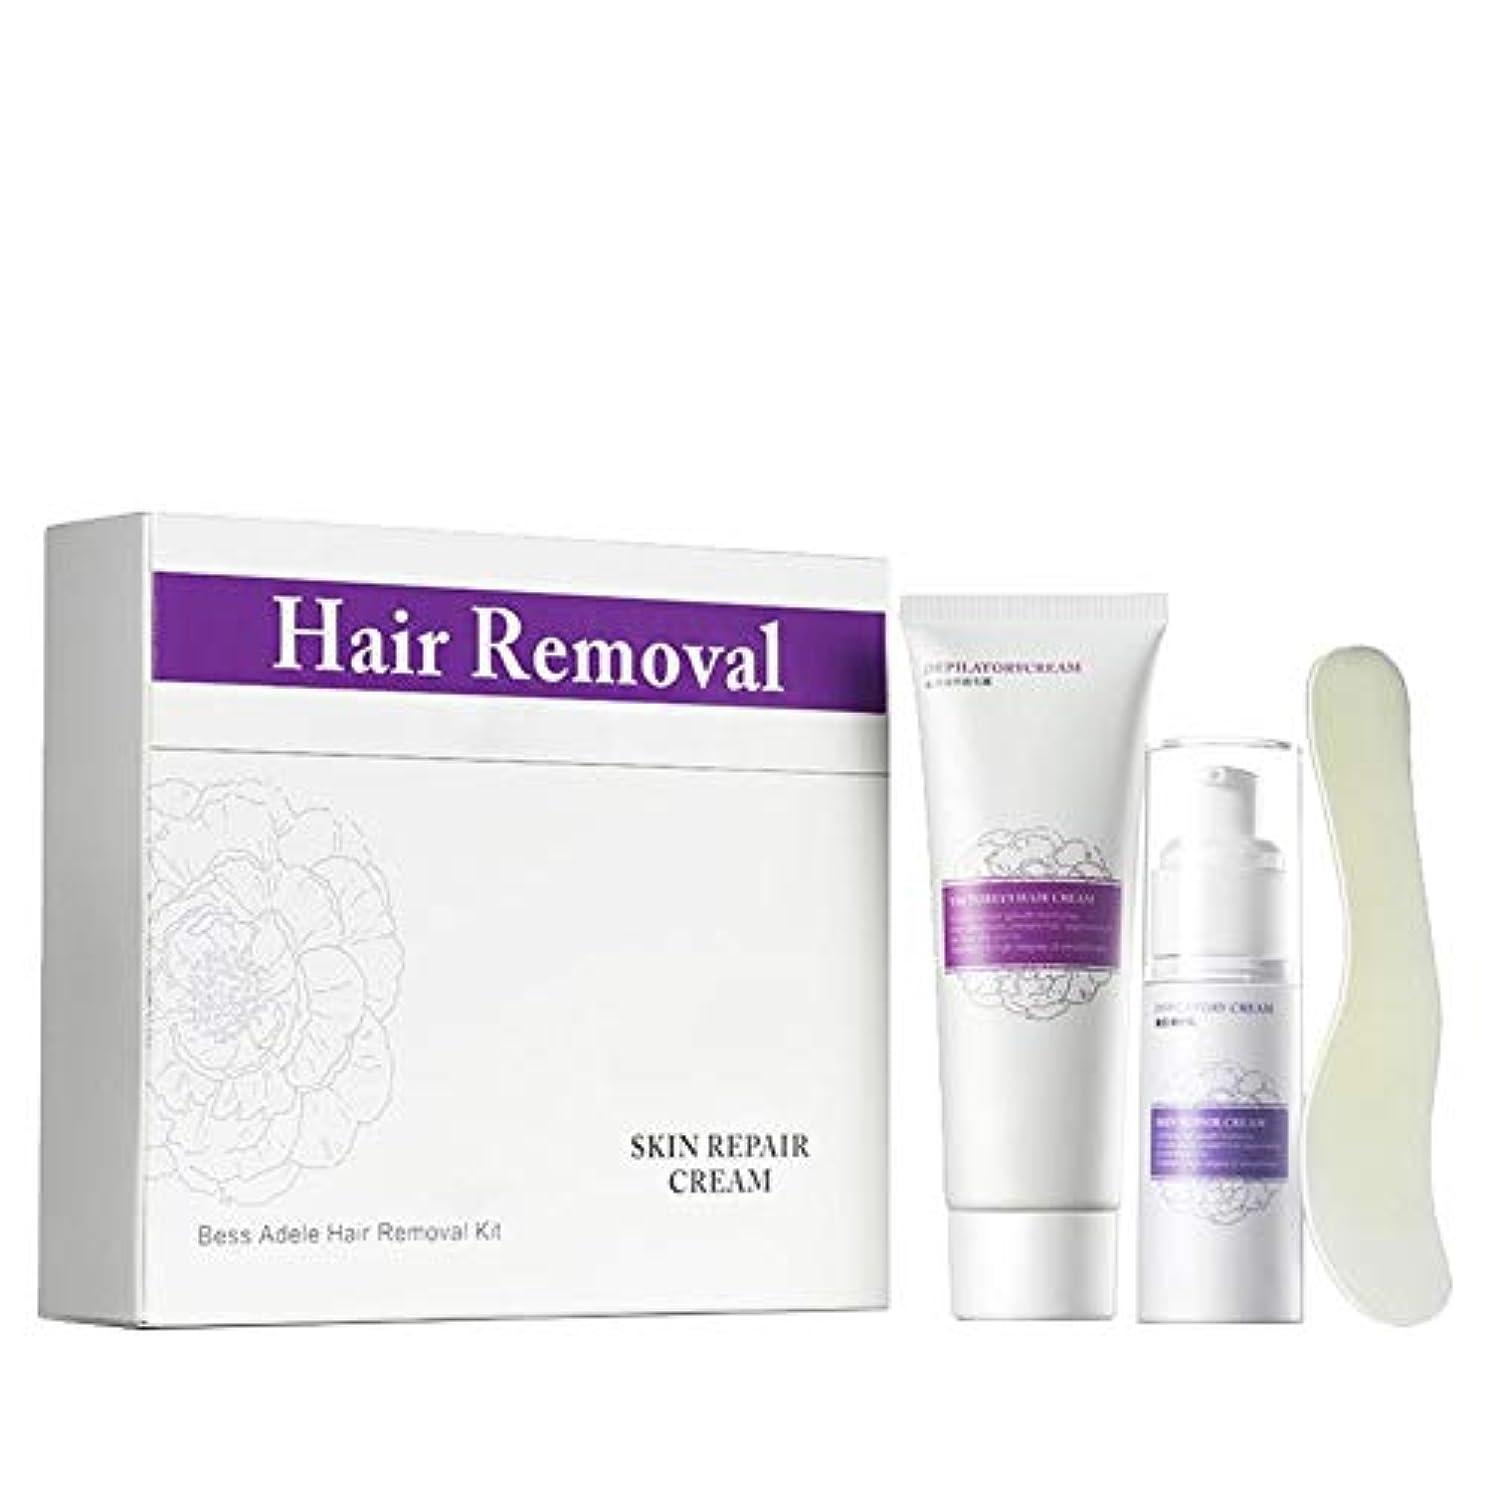 町リアルフライカイト除毛クリーム 修復用ミルクスクレーパー優しい脱毛は肌を傷つけません、ファースト&シンプル、肌の潤いを和らげ、保ちます